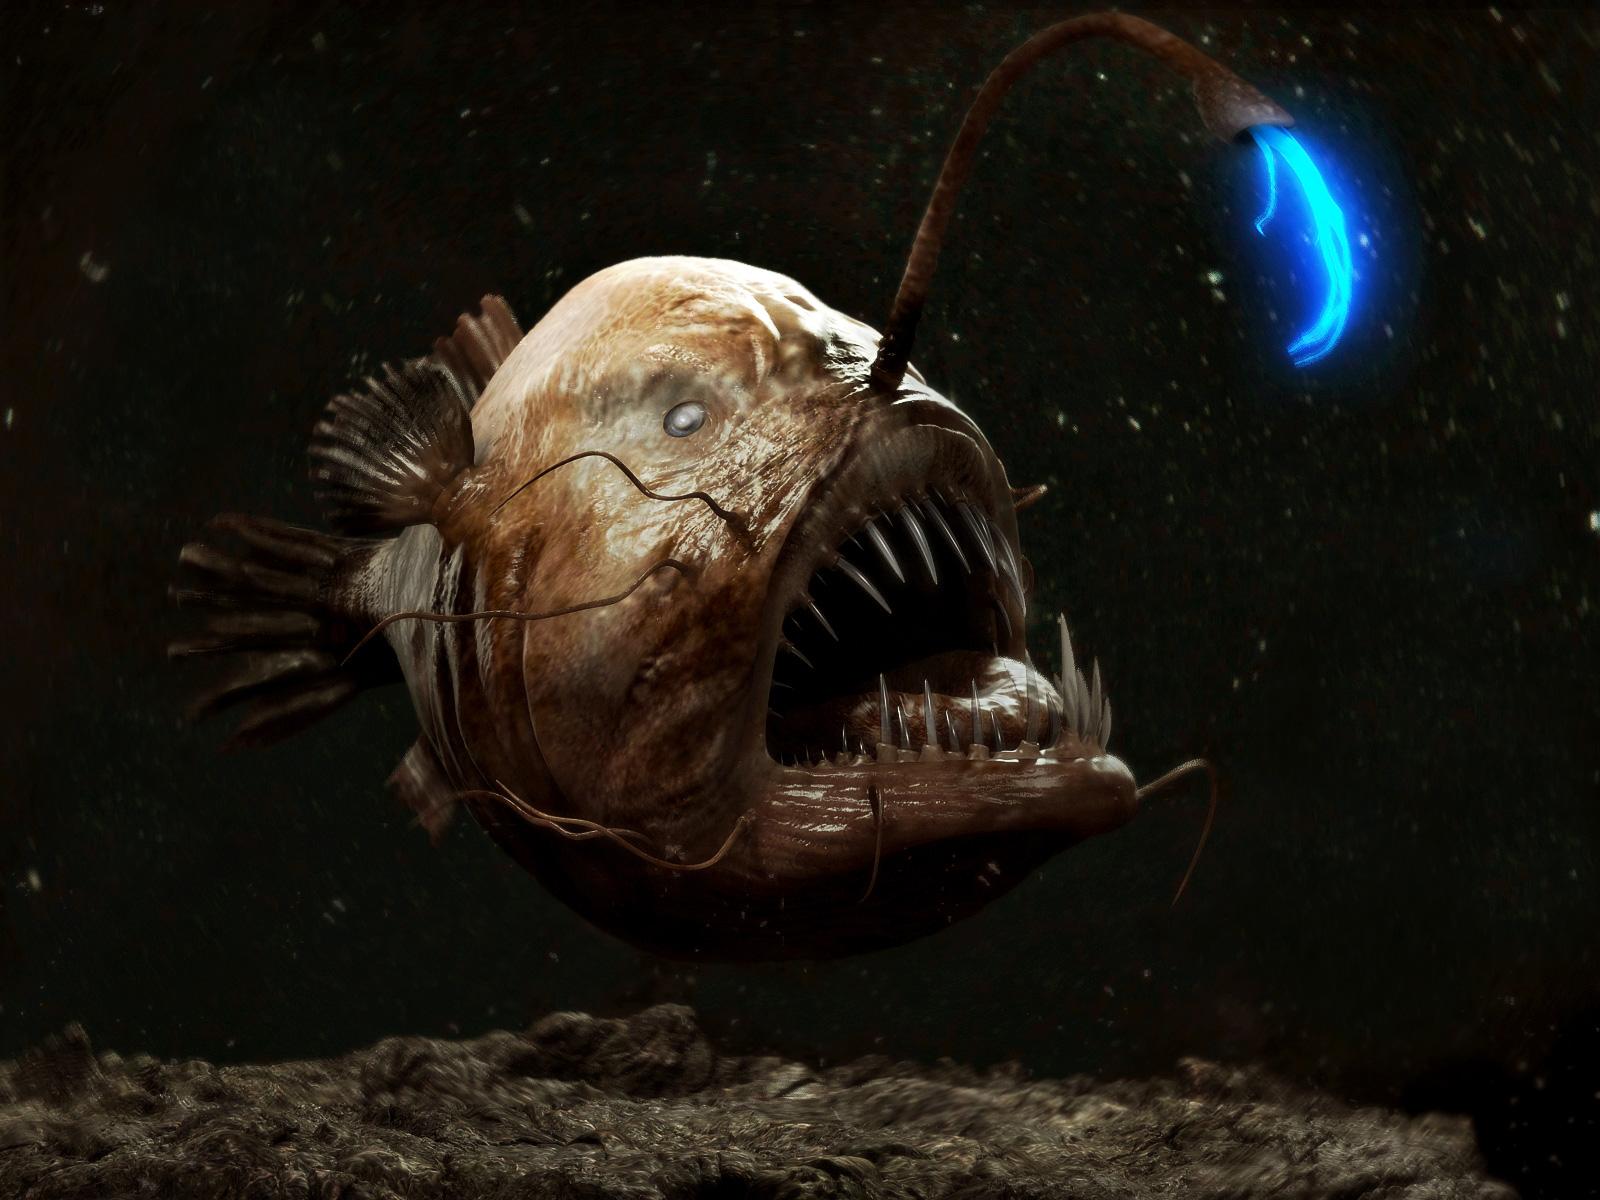 """""""Я никогда не видел ничего подобного"""", - биологи поражены необычными жителями океанских глубин. Кадры"""